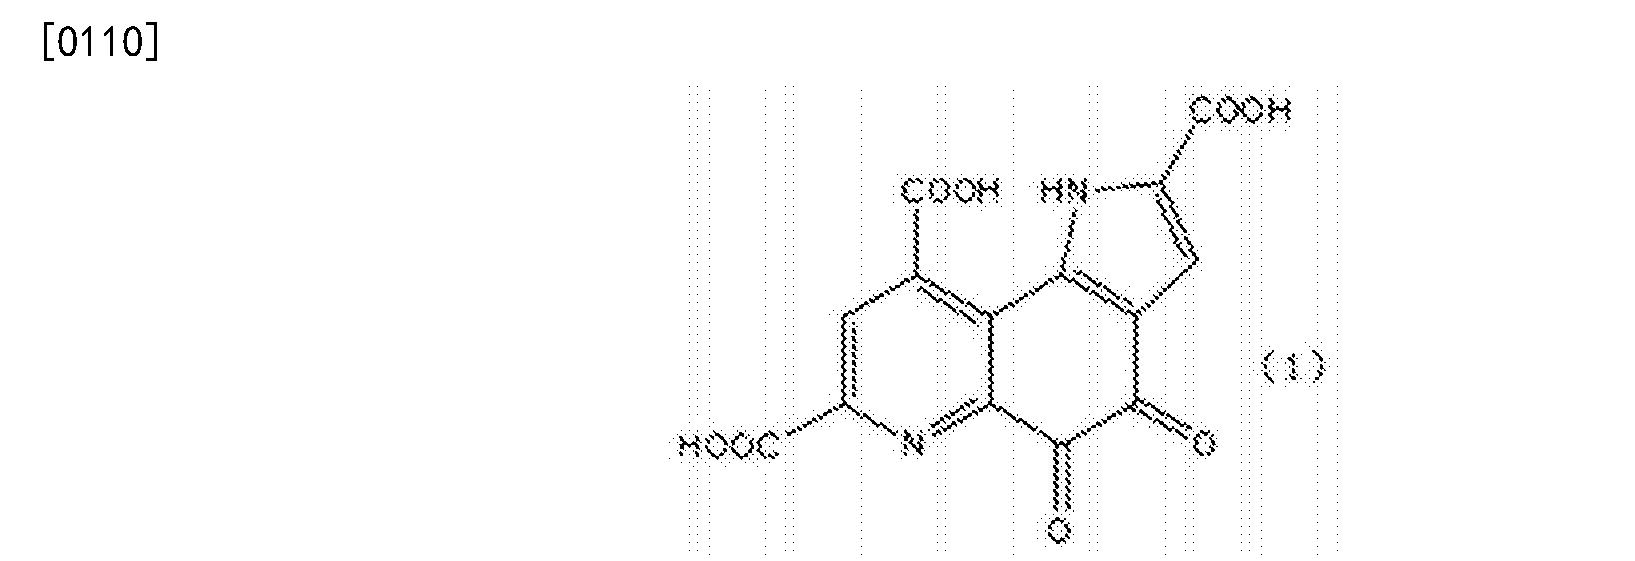 Figure CN103533936BD00111